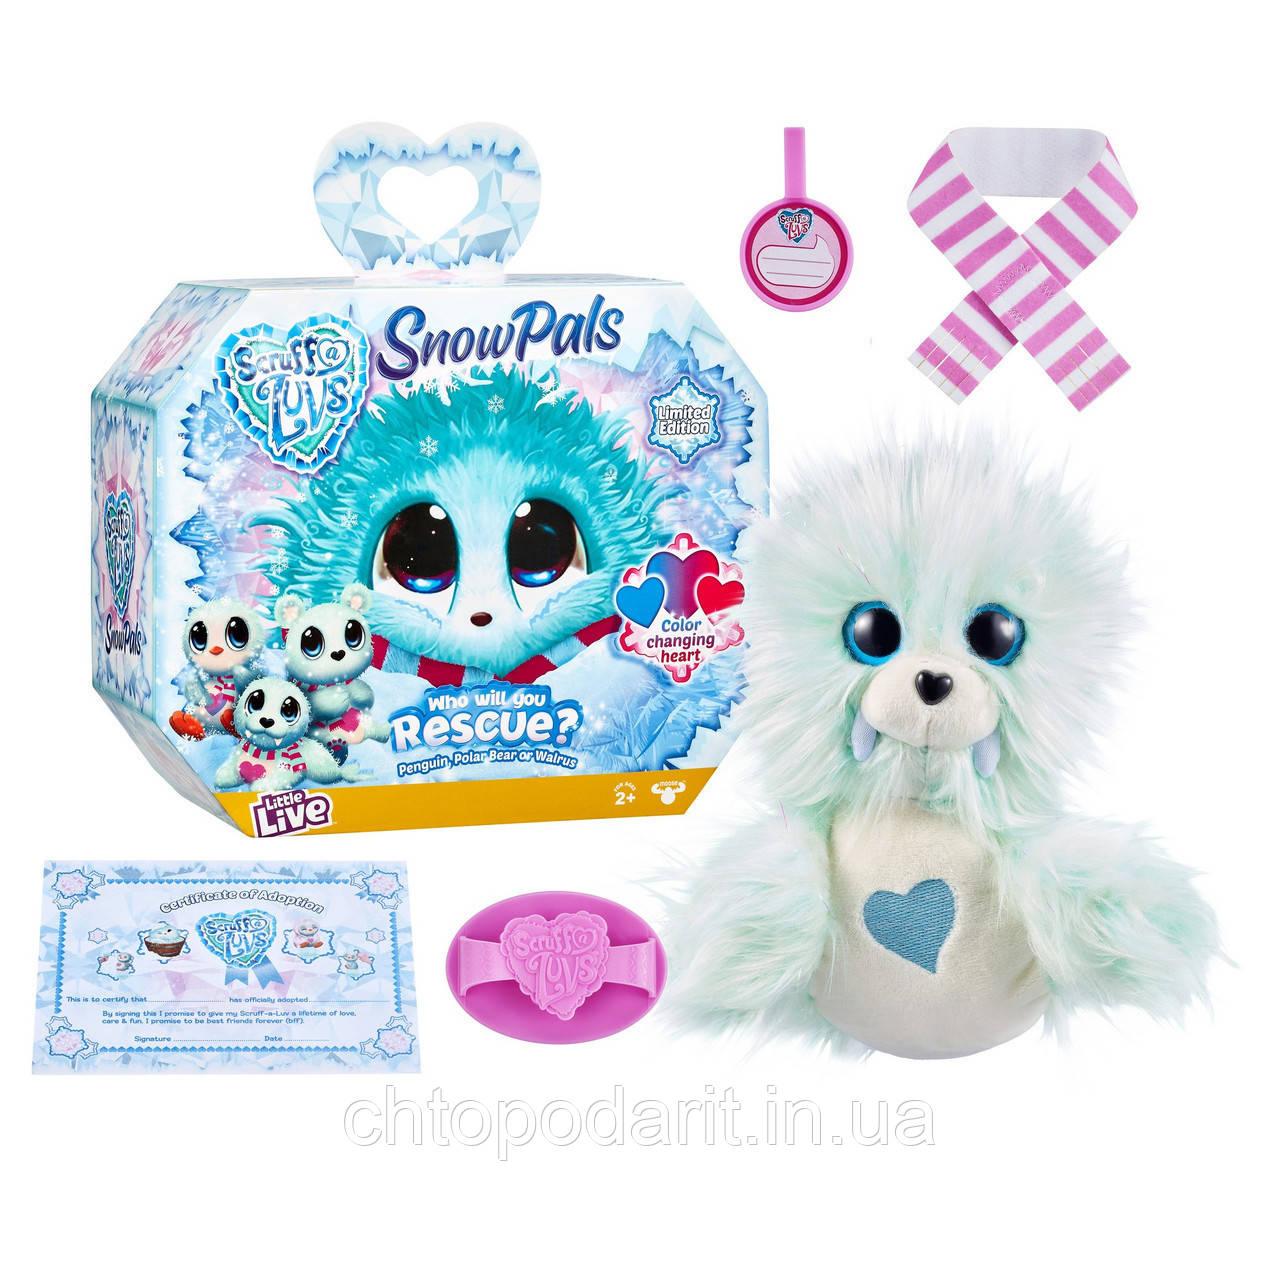 Пушистик потеряшка «Снежные друзья» игрушка сюрприз Scruff A Luvs Snow Pals Код 12-2335